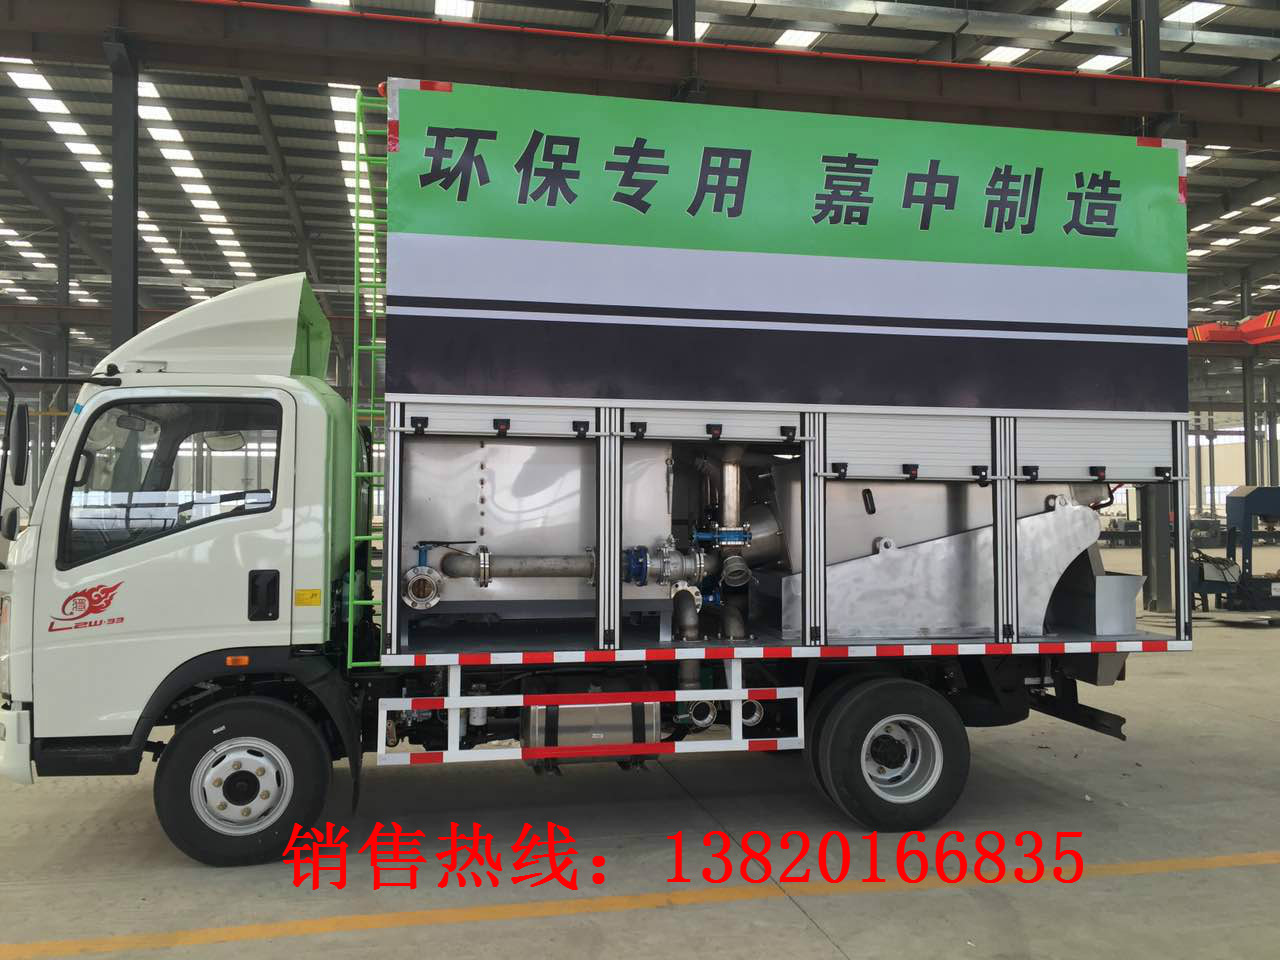 嘉中科技废水处理车,污水处理车